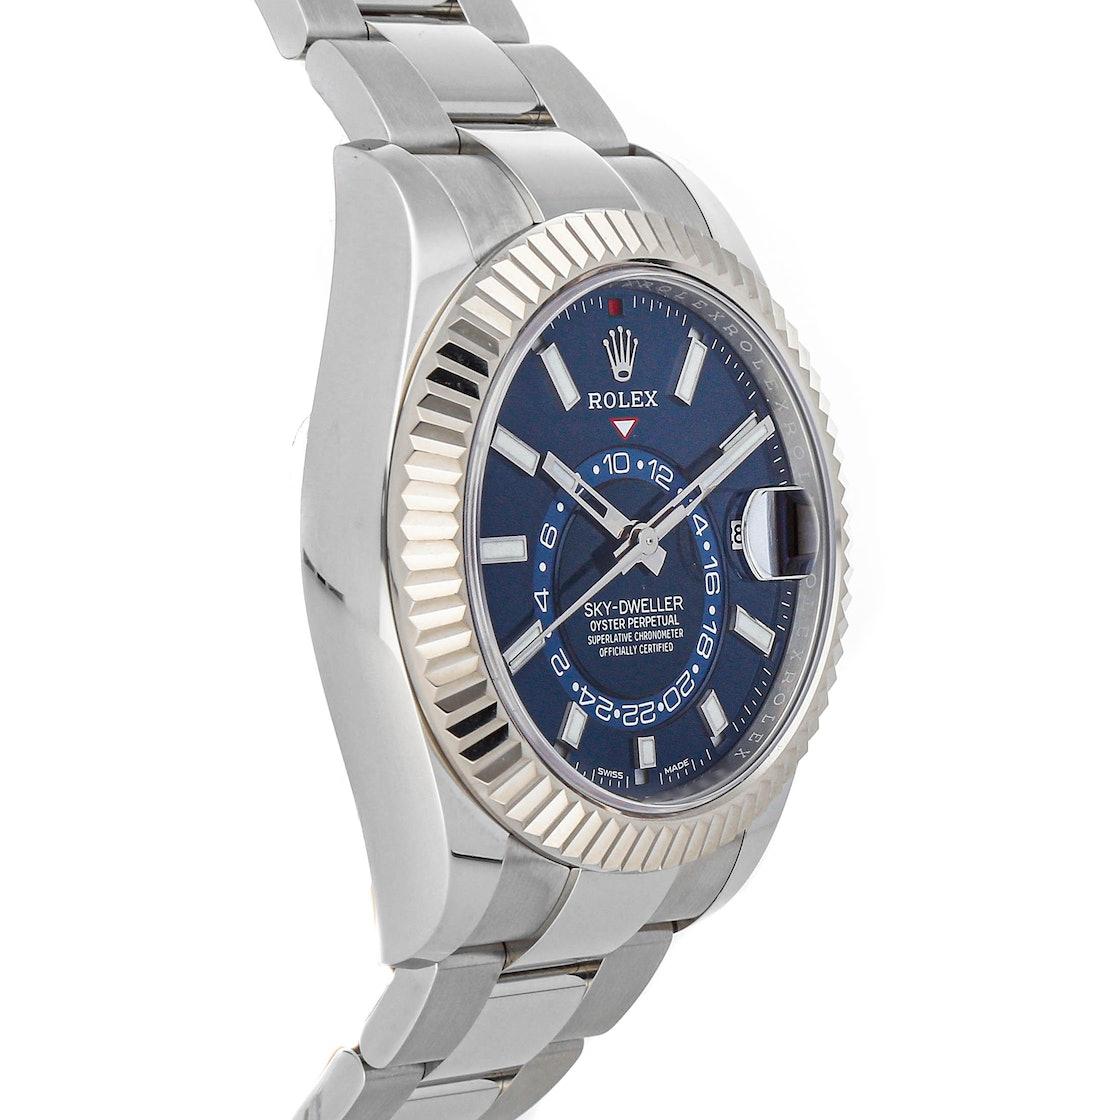 Rolex Sky-Dweller 326934